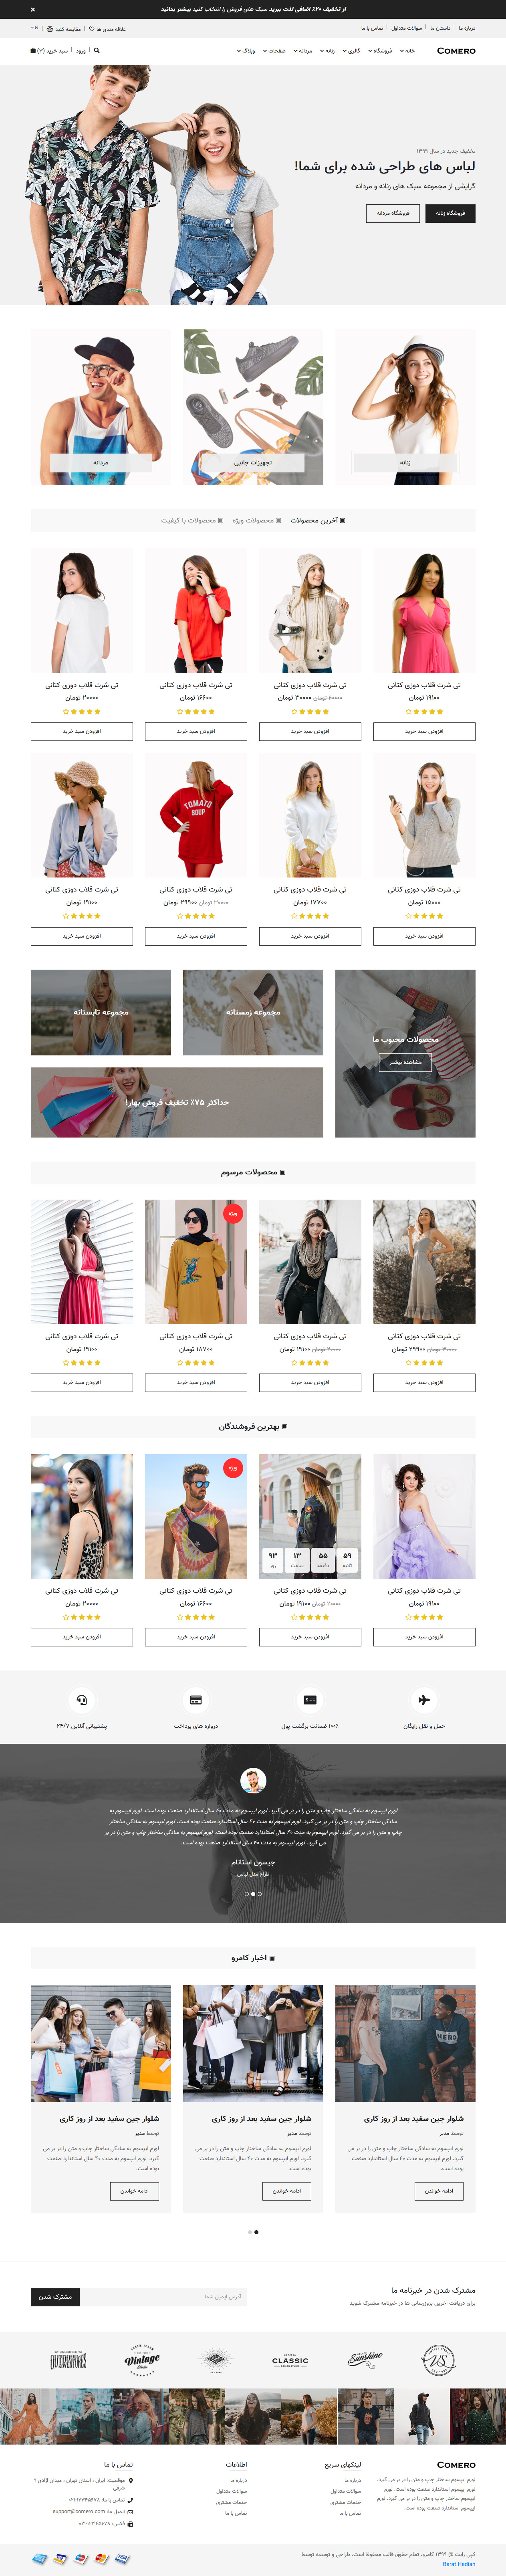 قالب Comero پوسته HTML سایت فروشگاهی، تجارت الکترونیک کامرو